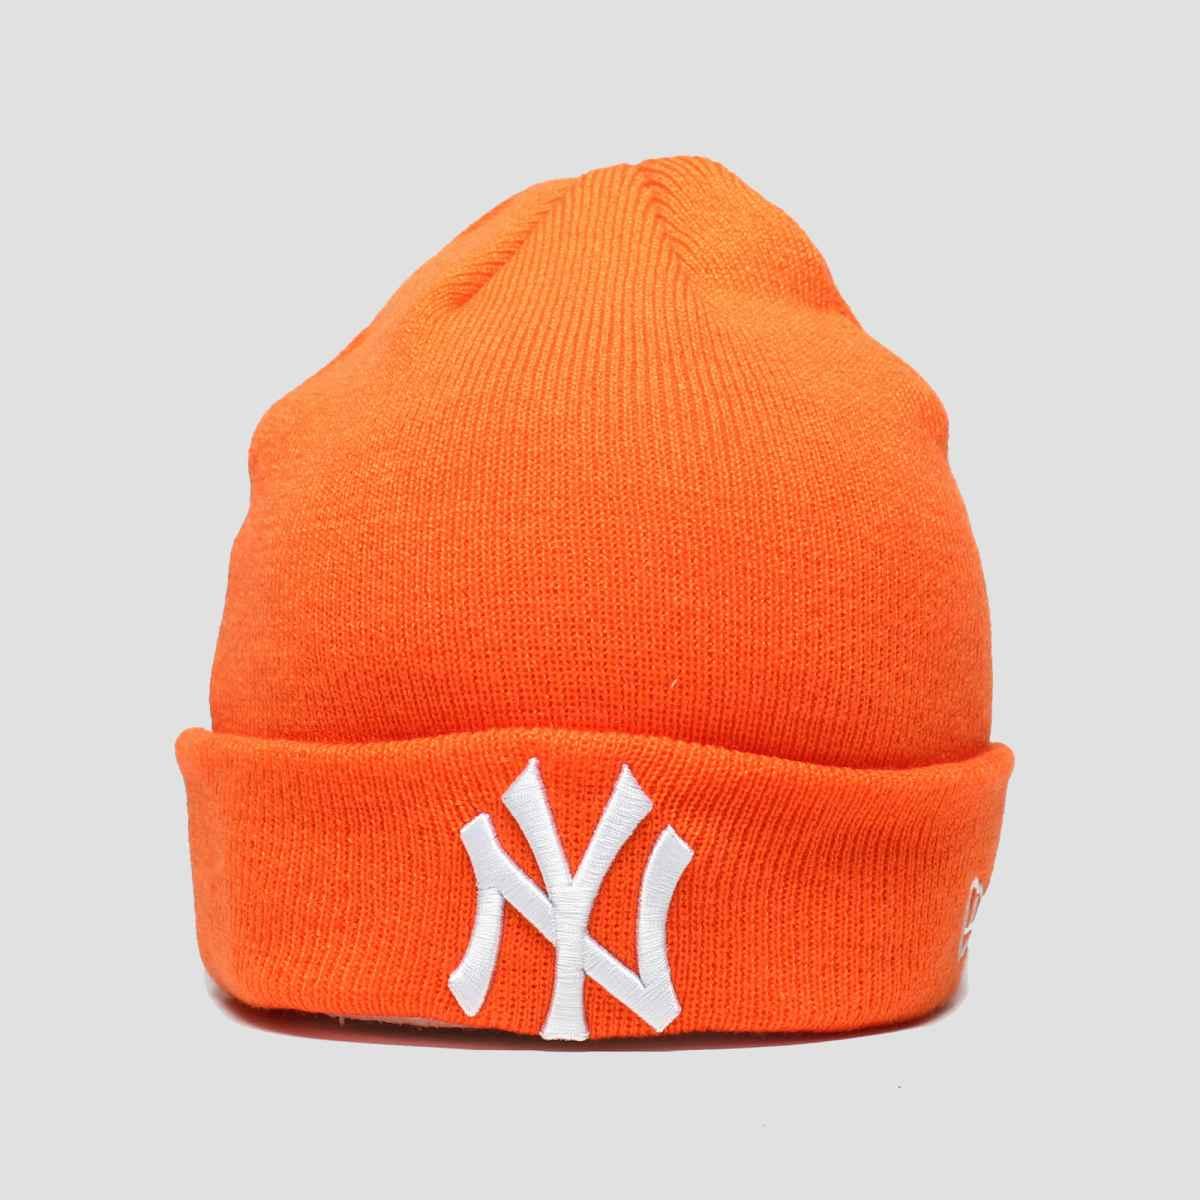 New Era Accessories New Era Orange Kids Essenital Cuff Knit Ny